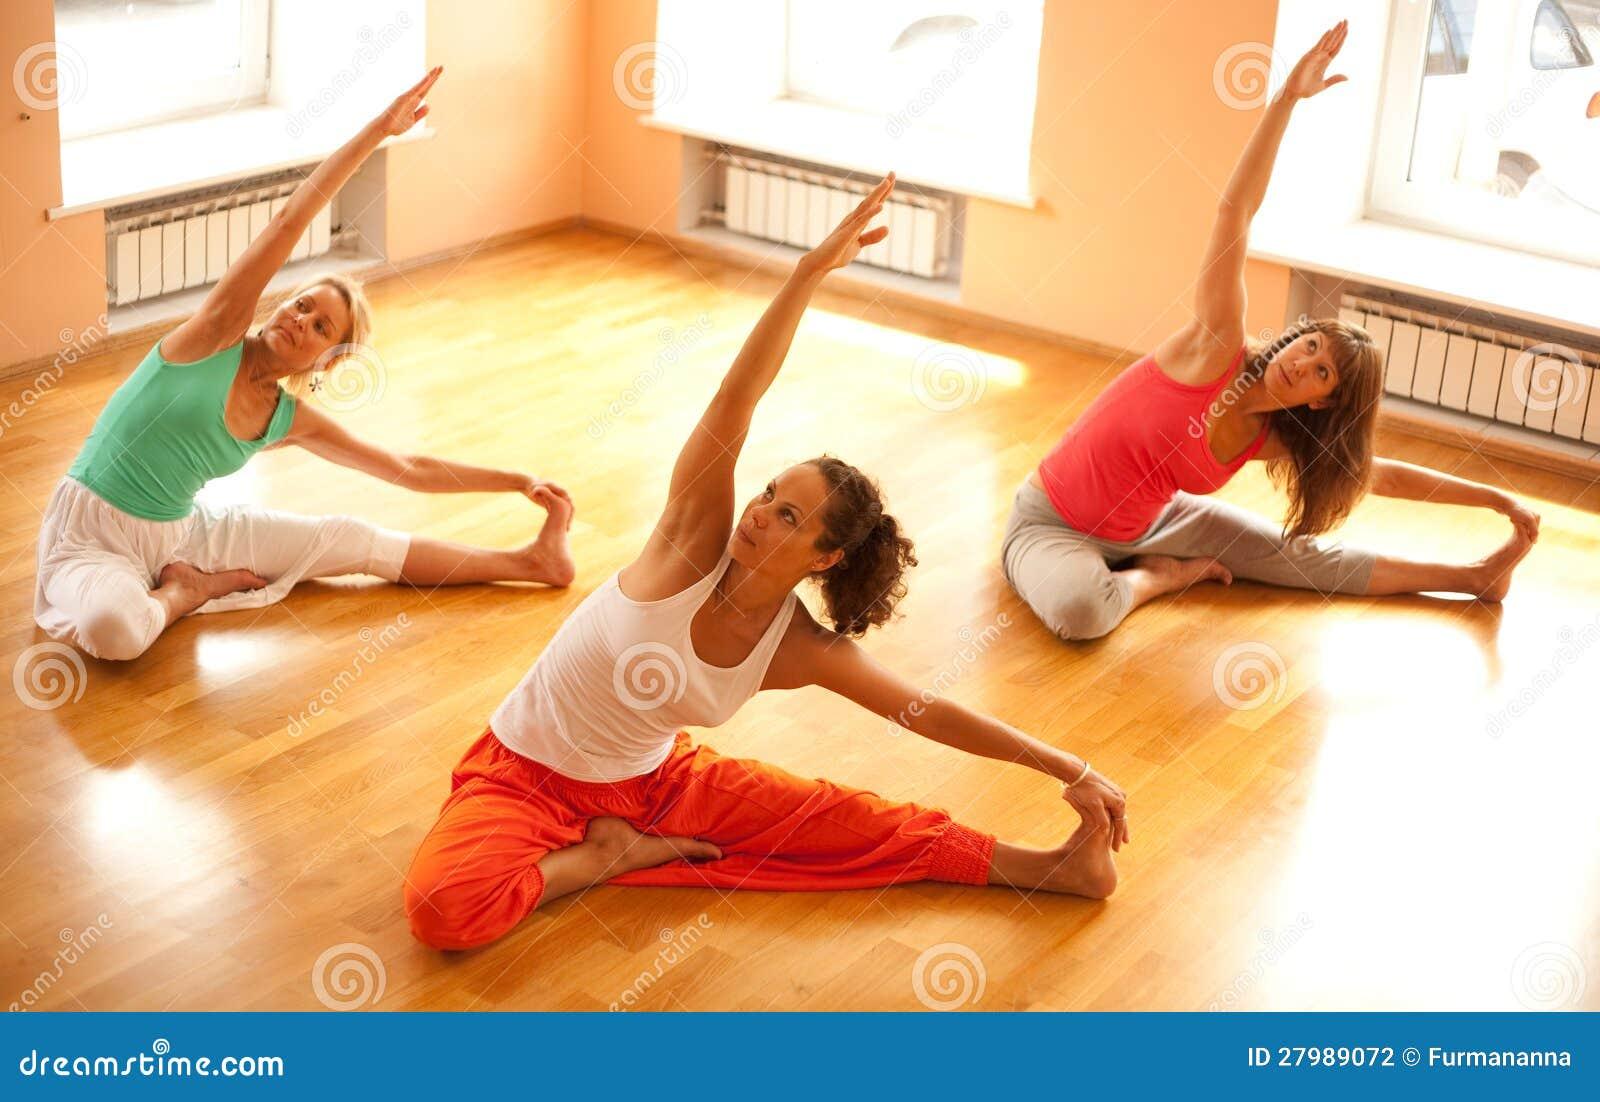 Hacer yoga en club de salud